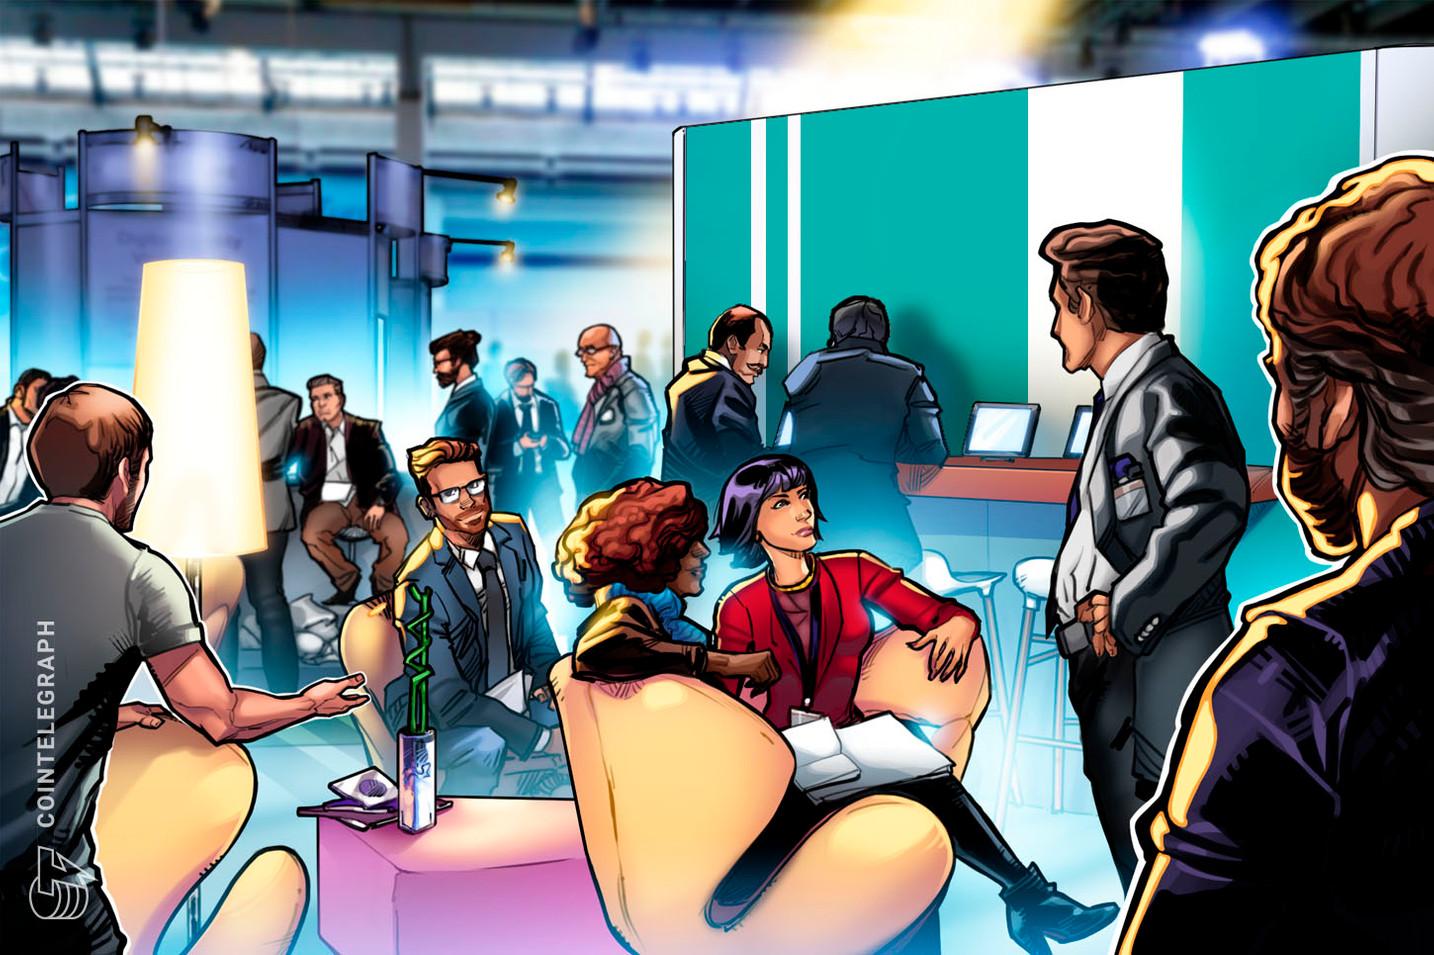 「性の多様性に欠ける」仮想通貨イベント出席者の8割が男性 =レポート